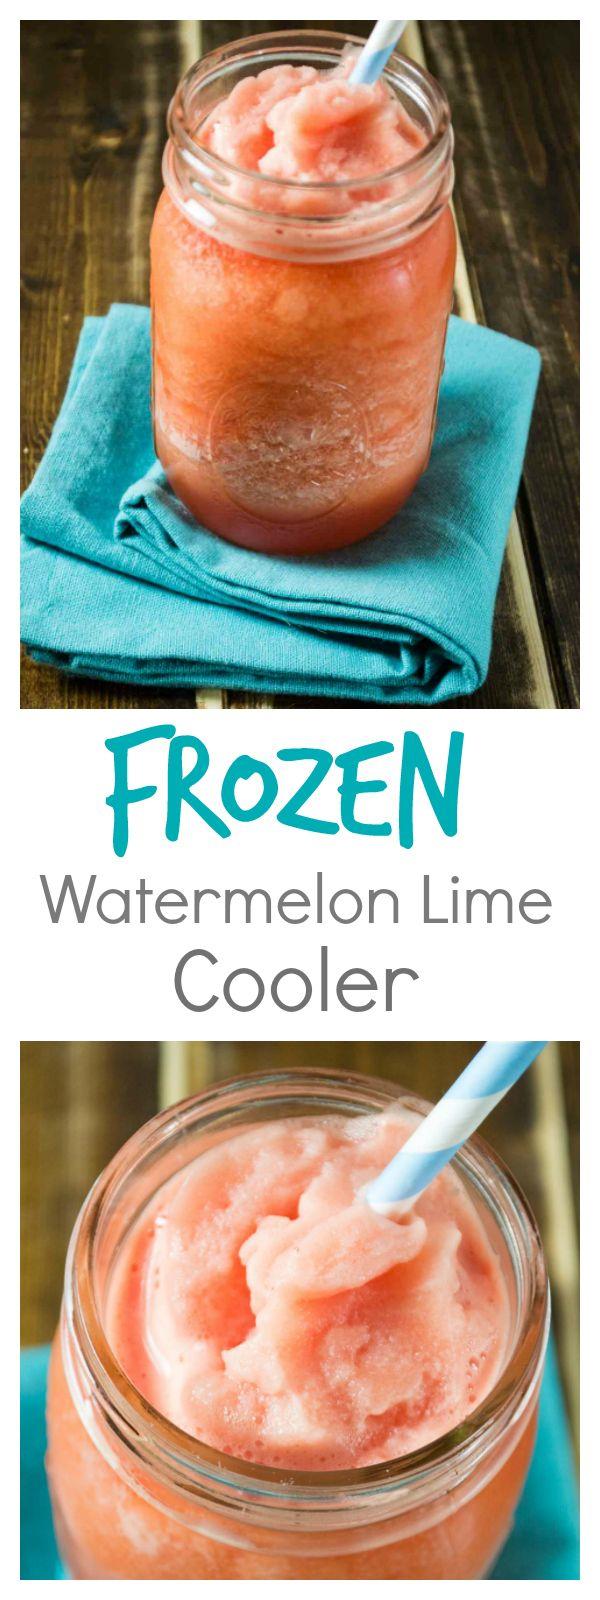 recipe: can you eat frozen watermelon [28]